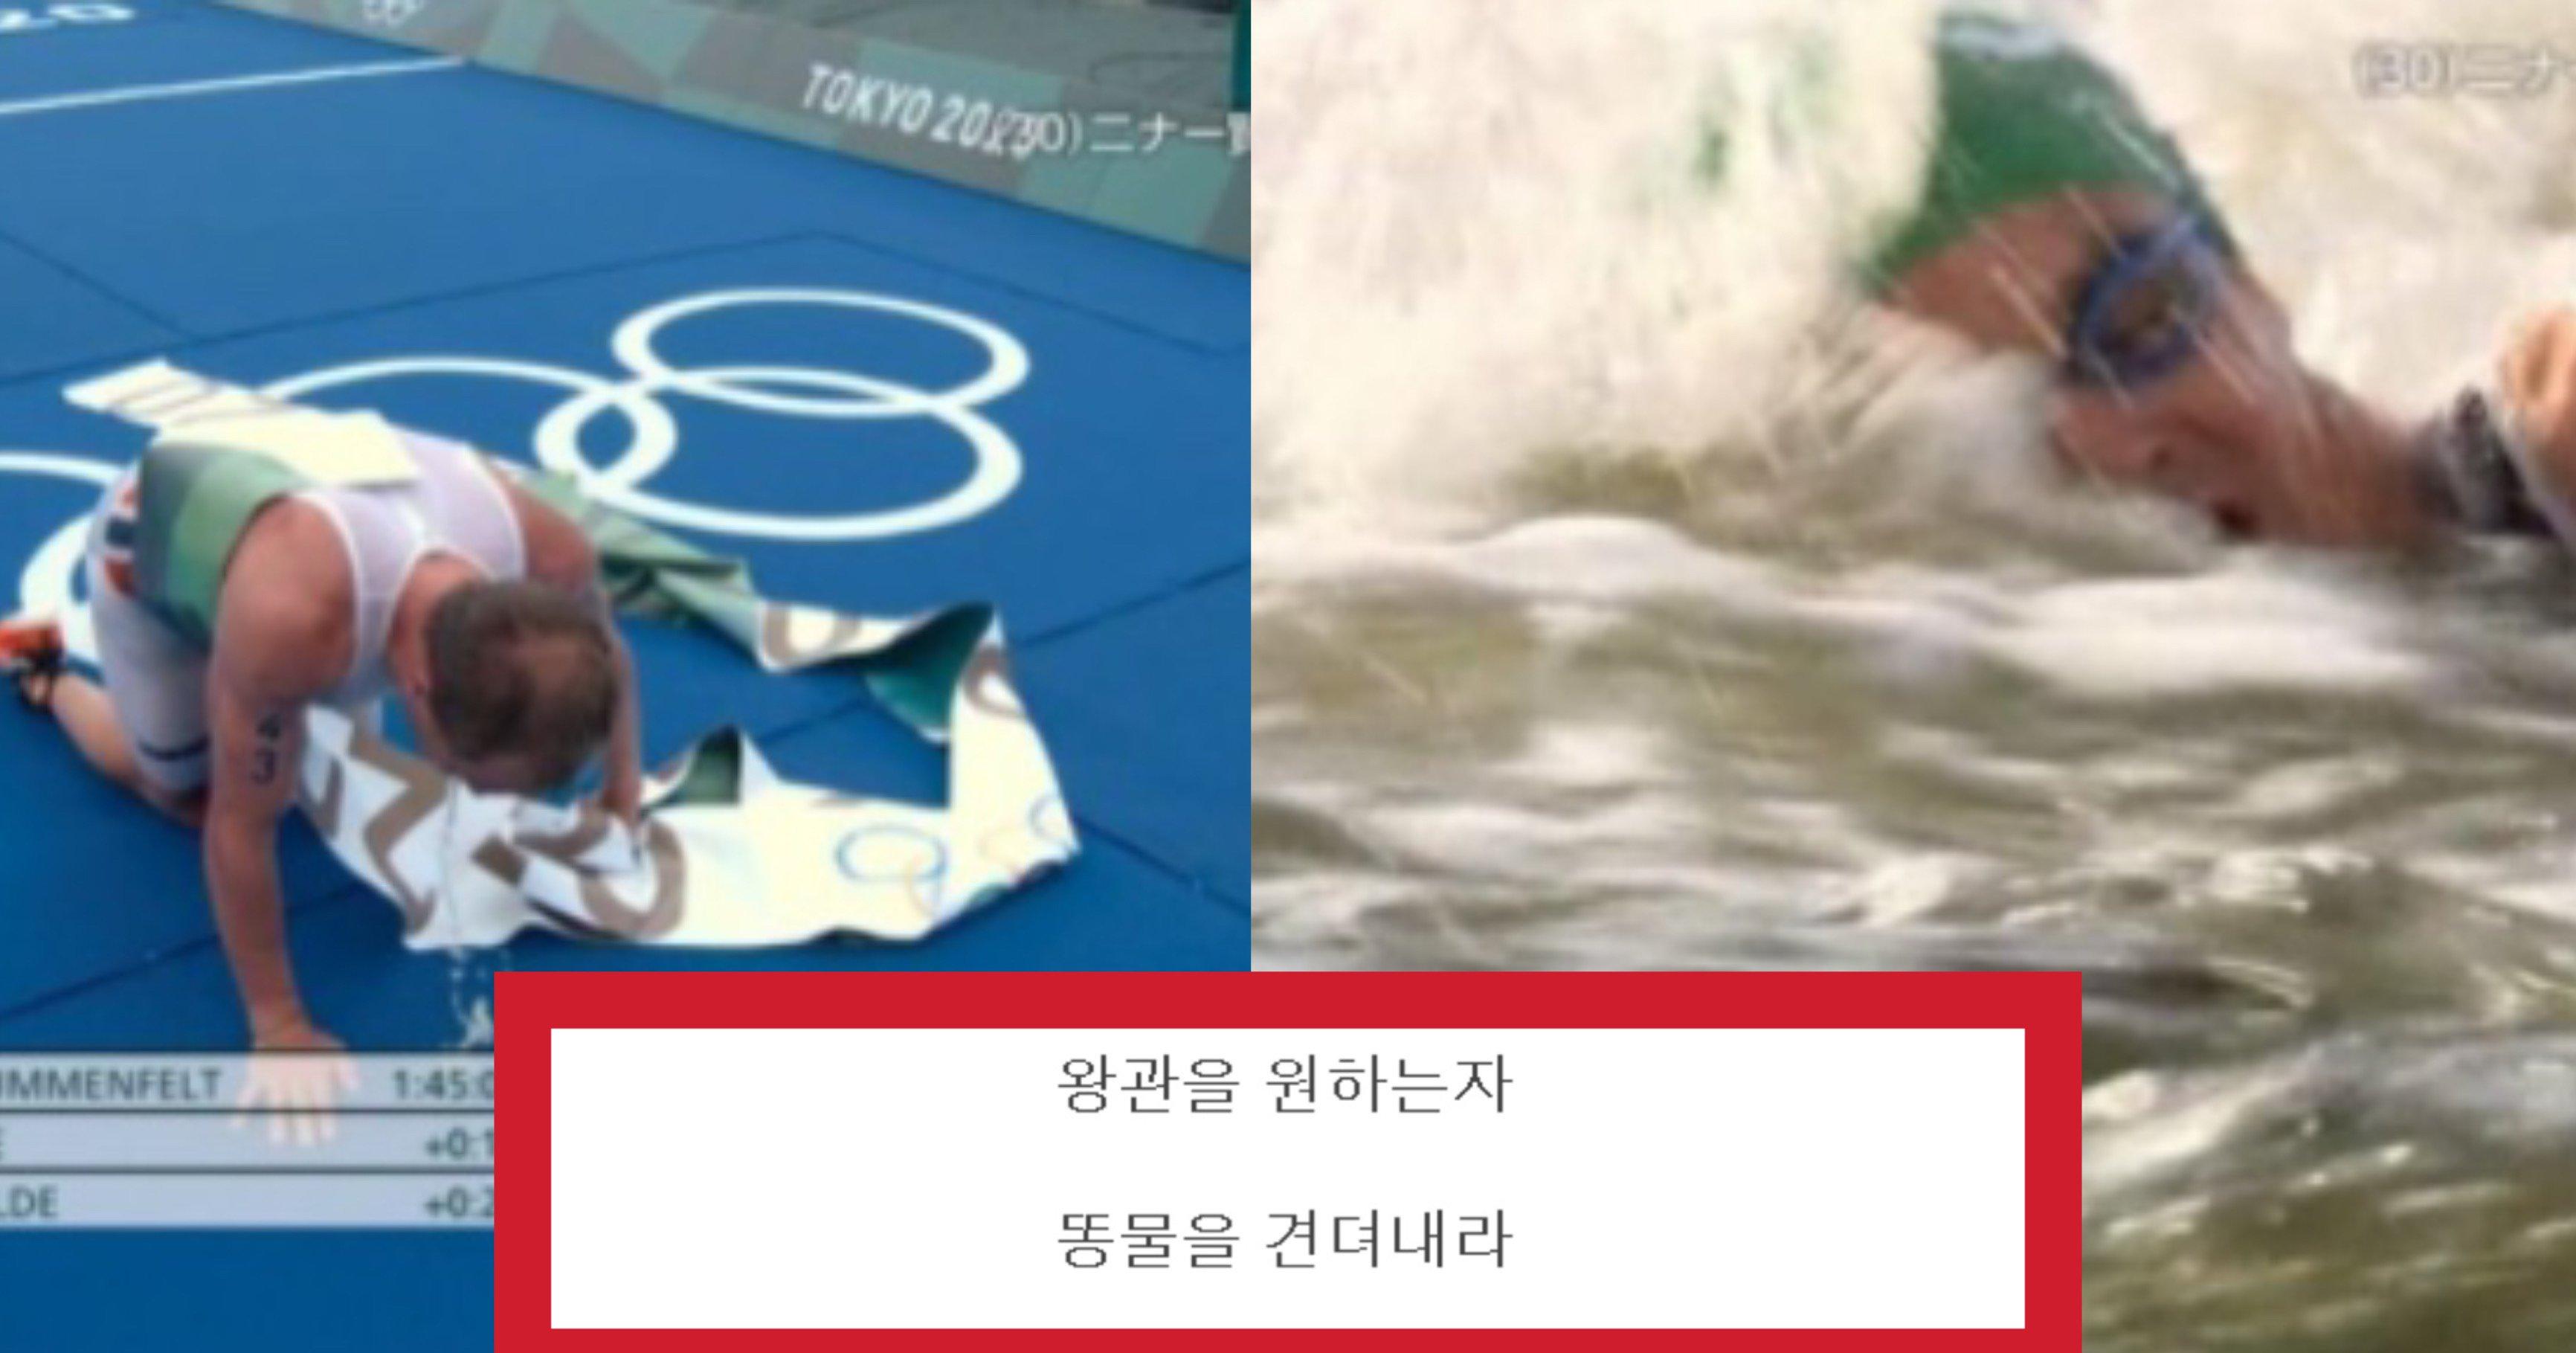 """0c5711df 89ba 45e7 9e51 77acd1543471.jpeg?resize=412,232 - """"선수들 토하고 장난아님"""" 라며 현재 누리꾼들 사이에서 난리 난 현재 도쿄 올림픽 수영 경기 수준(+사진)"""